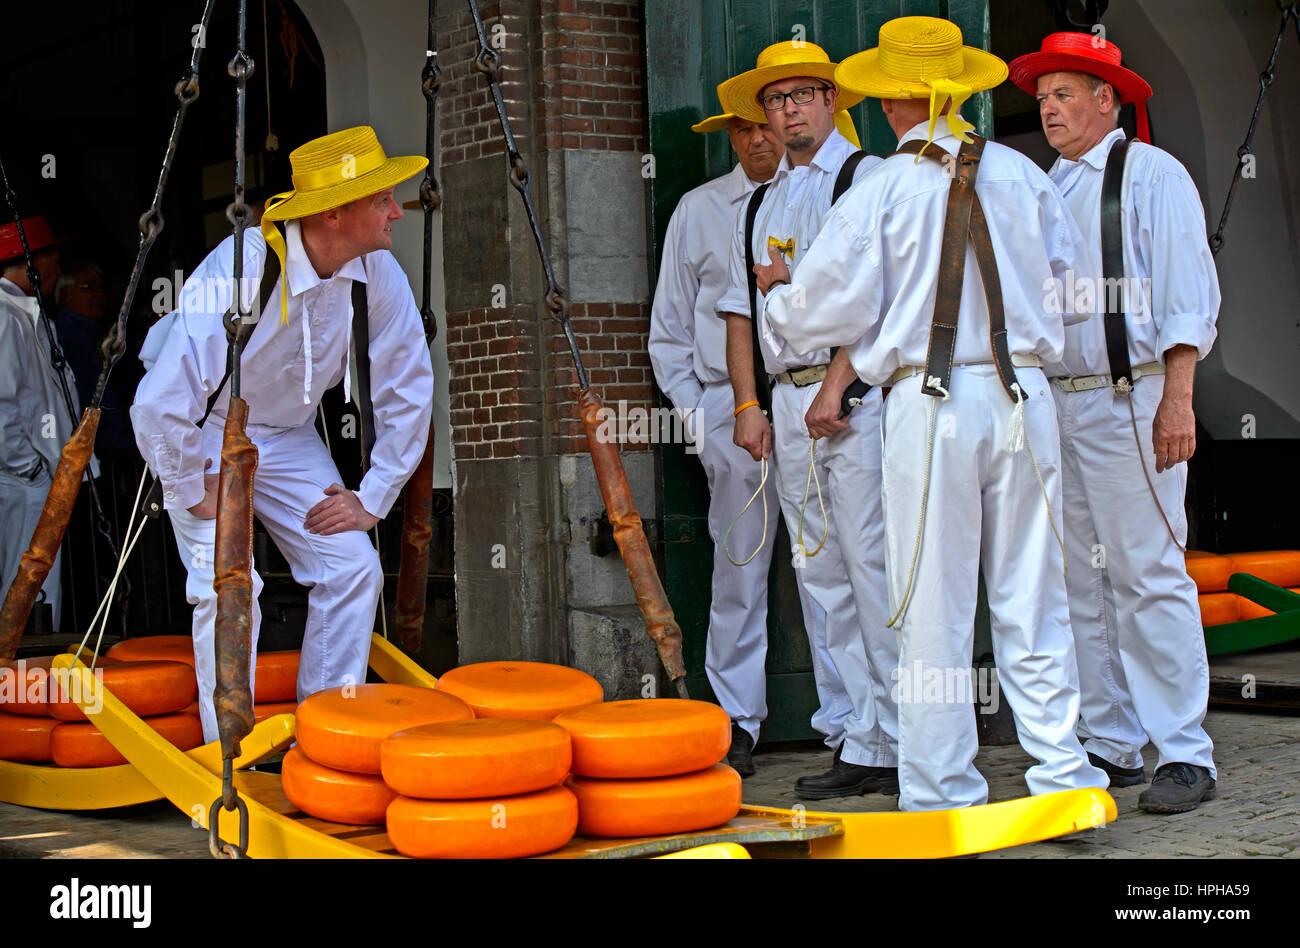 Vettori di formaggio a scaglie di formaggio, mercato del formaggio di Alkmaar, Paesi Bassi Immagini Stock